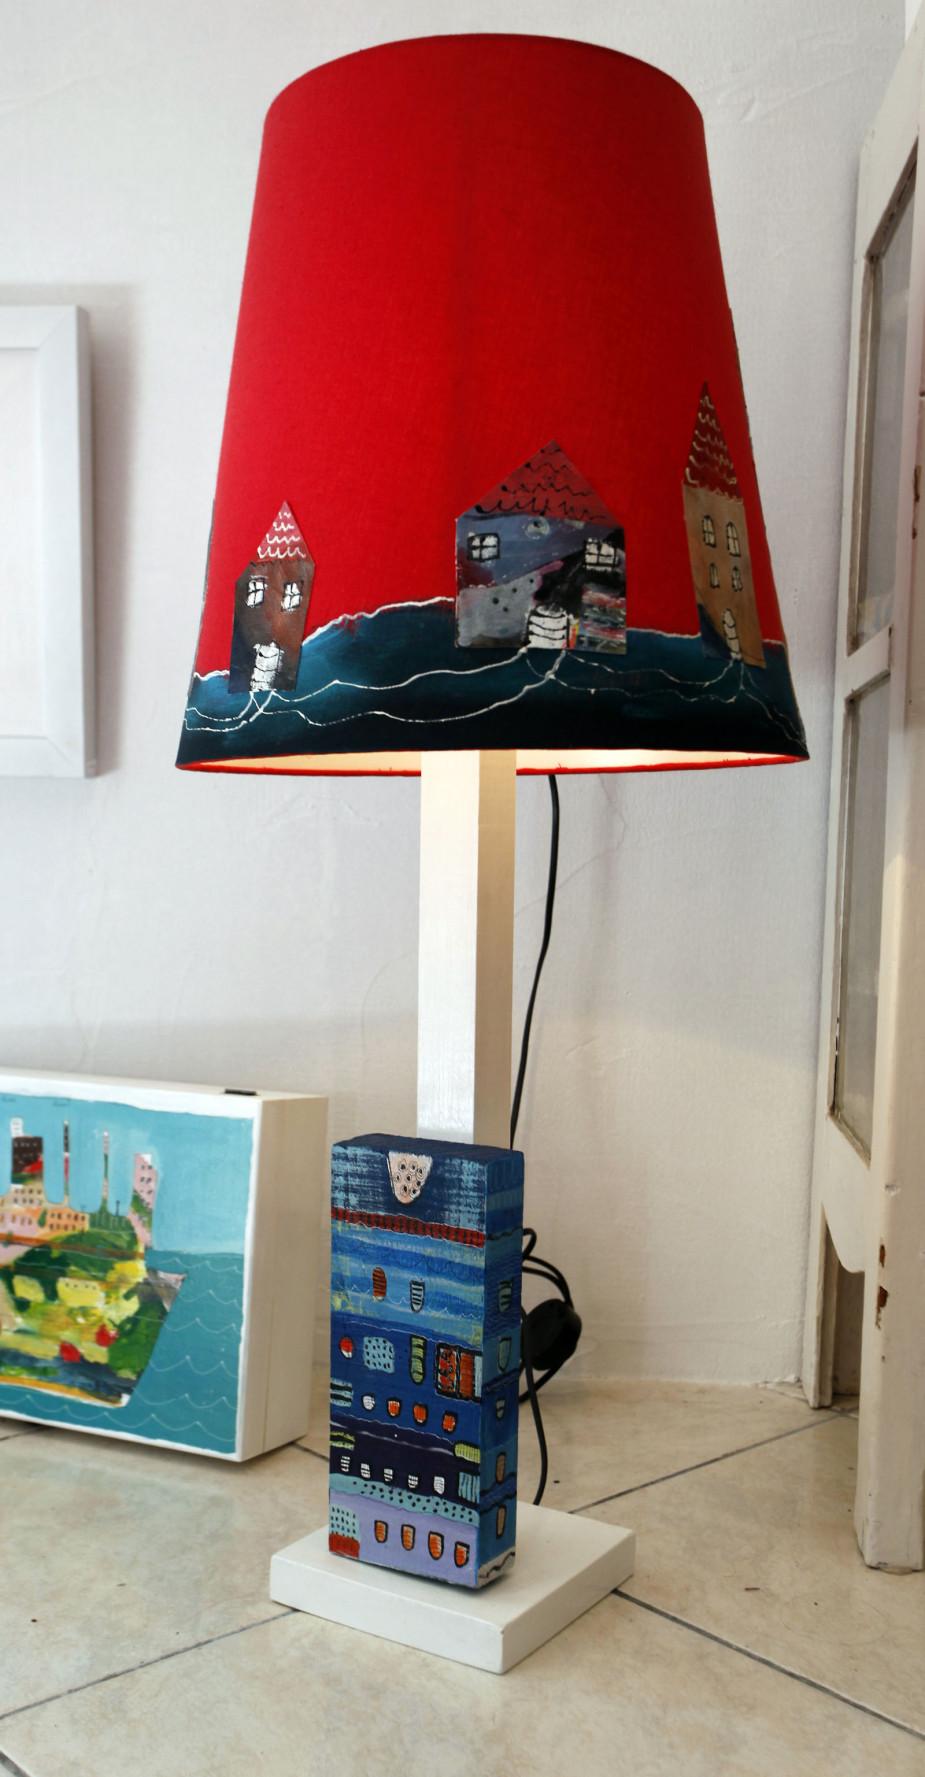 Rovinj, 25.07.2012 - Galerija Atelje u Rovinju